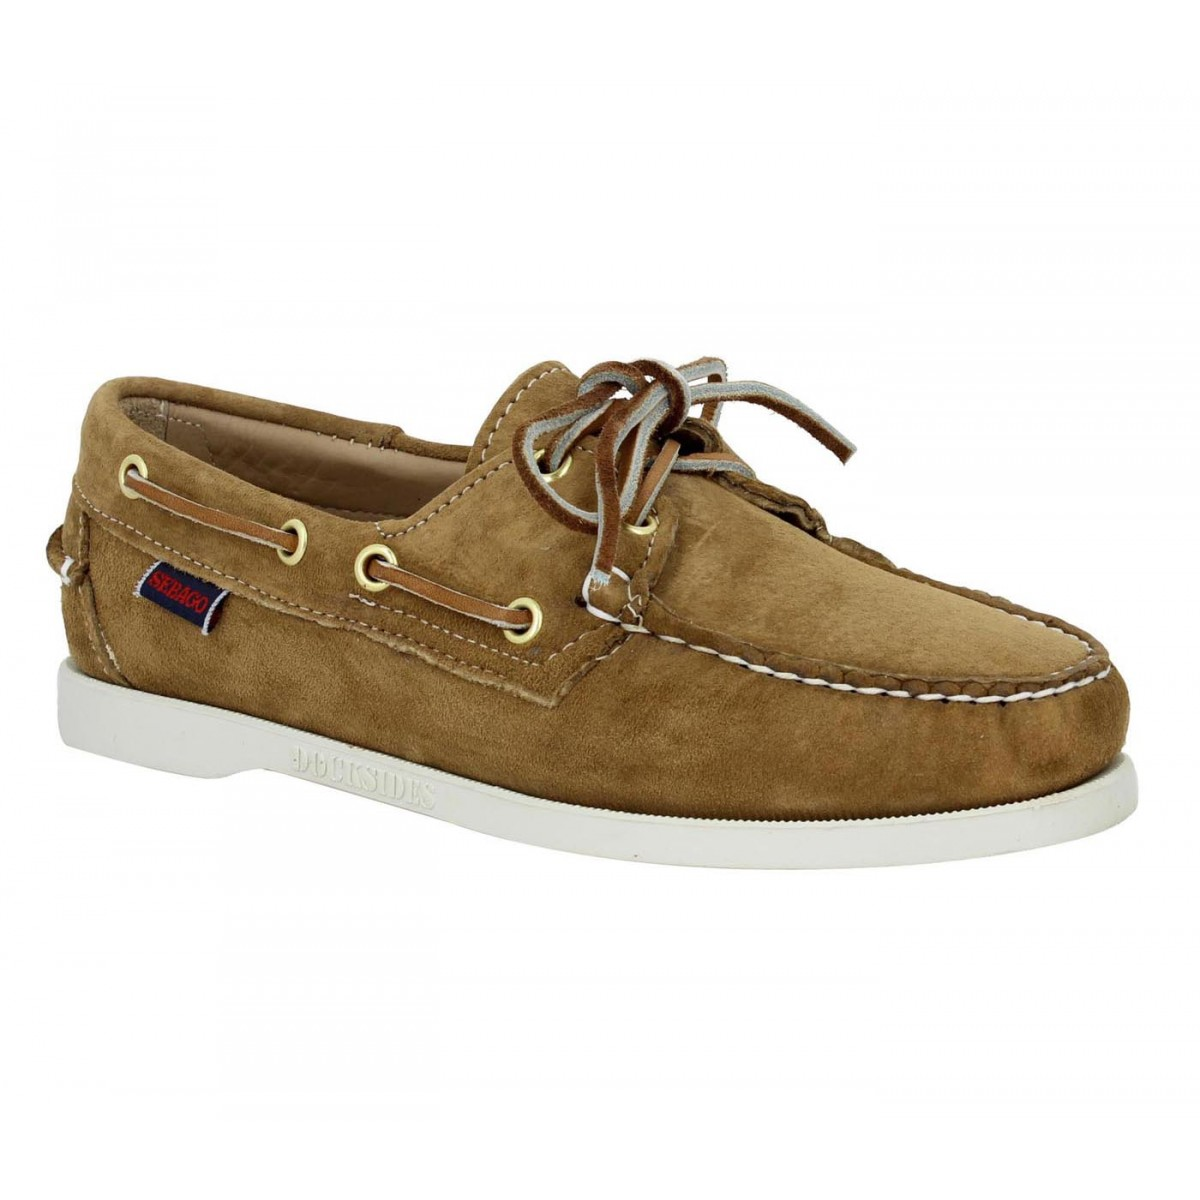 Chaussures bateaux SEBAGO Docksides velours Femme Sable